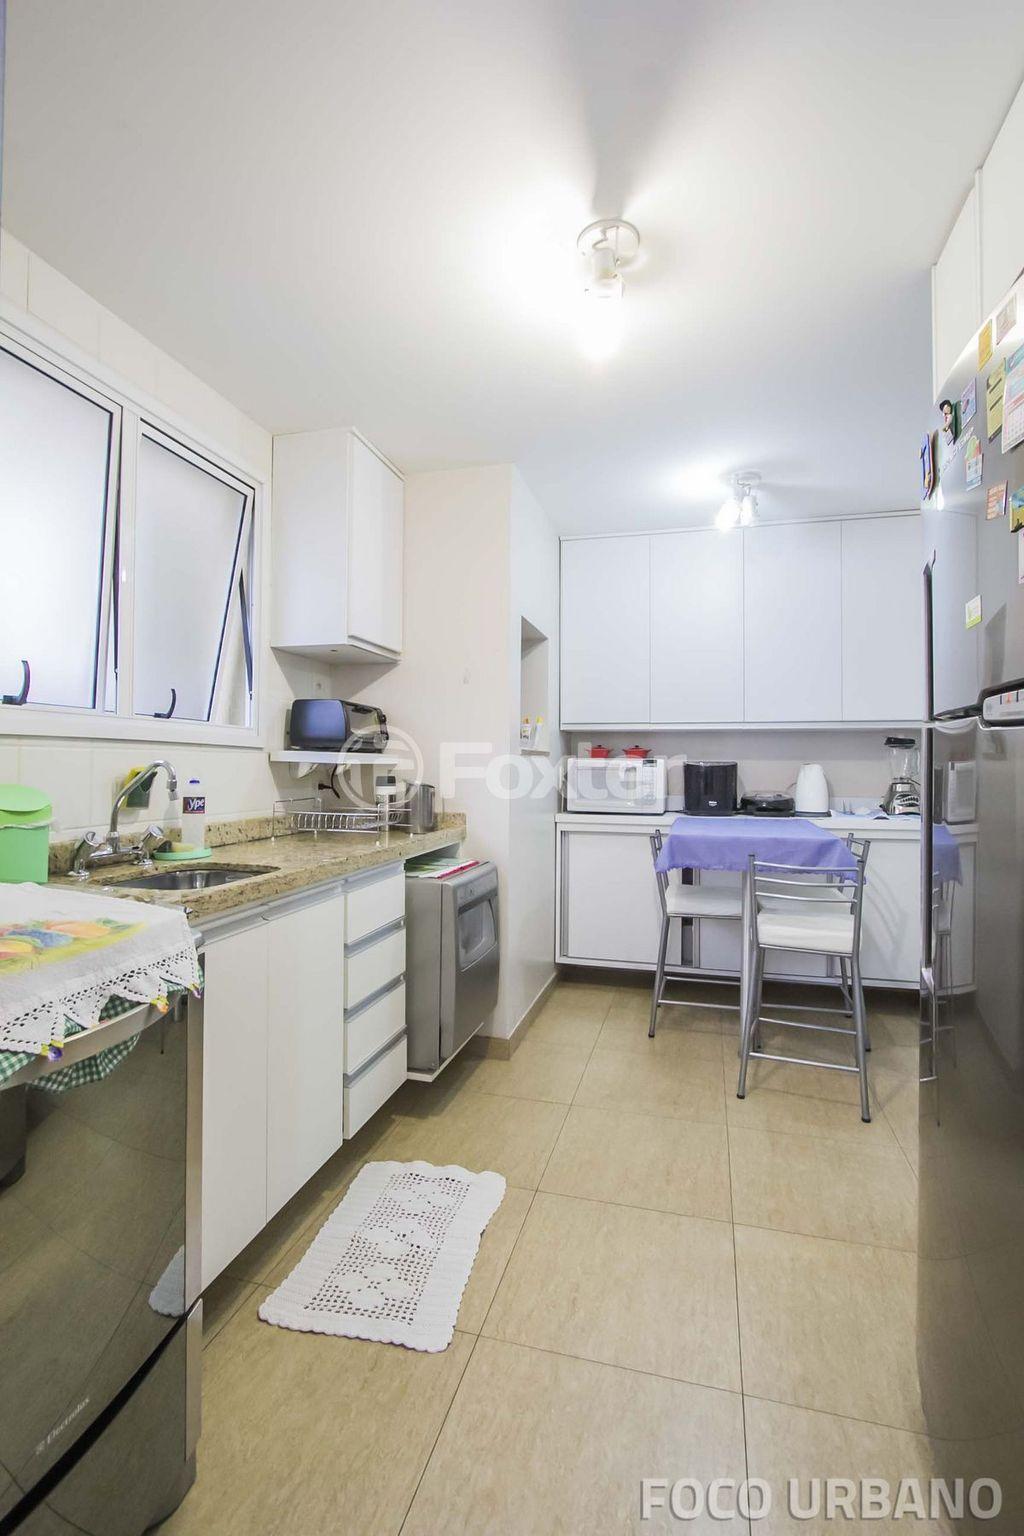 Casa 4 Dorm, Rubem Berta, Porto Alegre (133006) - Foto 36